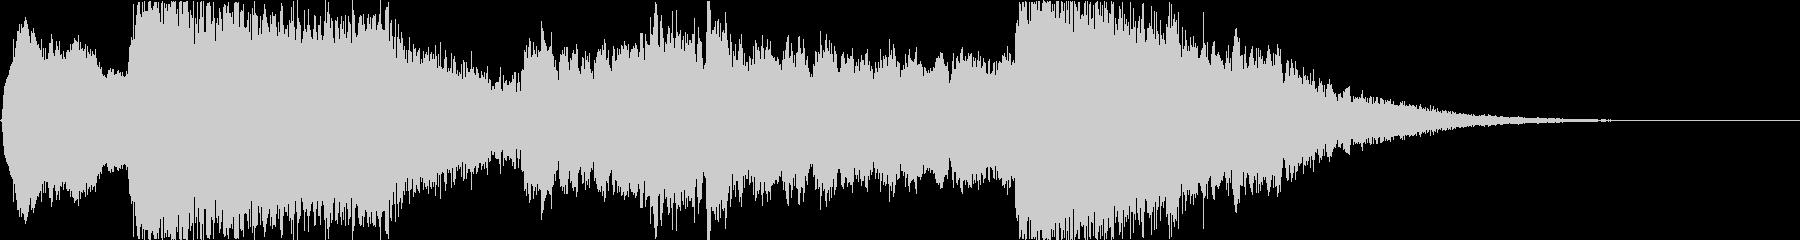 和風ロゴ・尺八と和太鼓・刀の抜刀イメージの未再生の波形